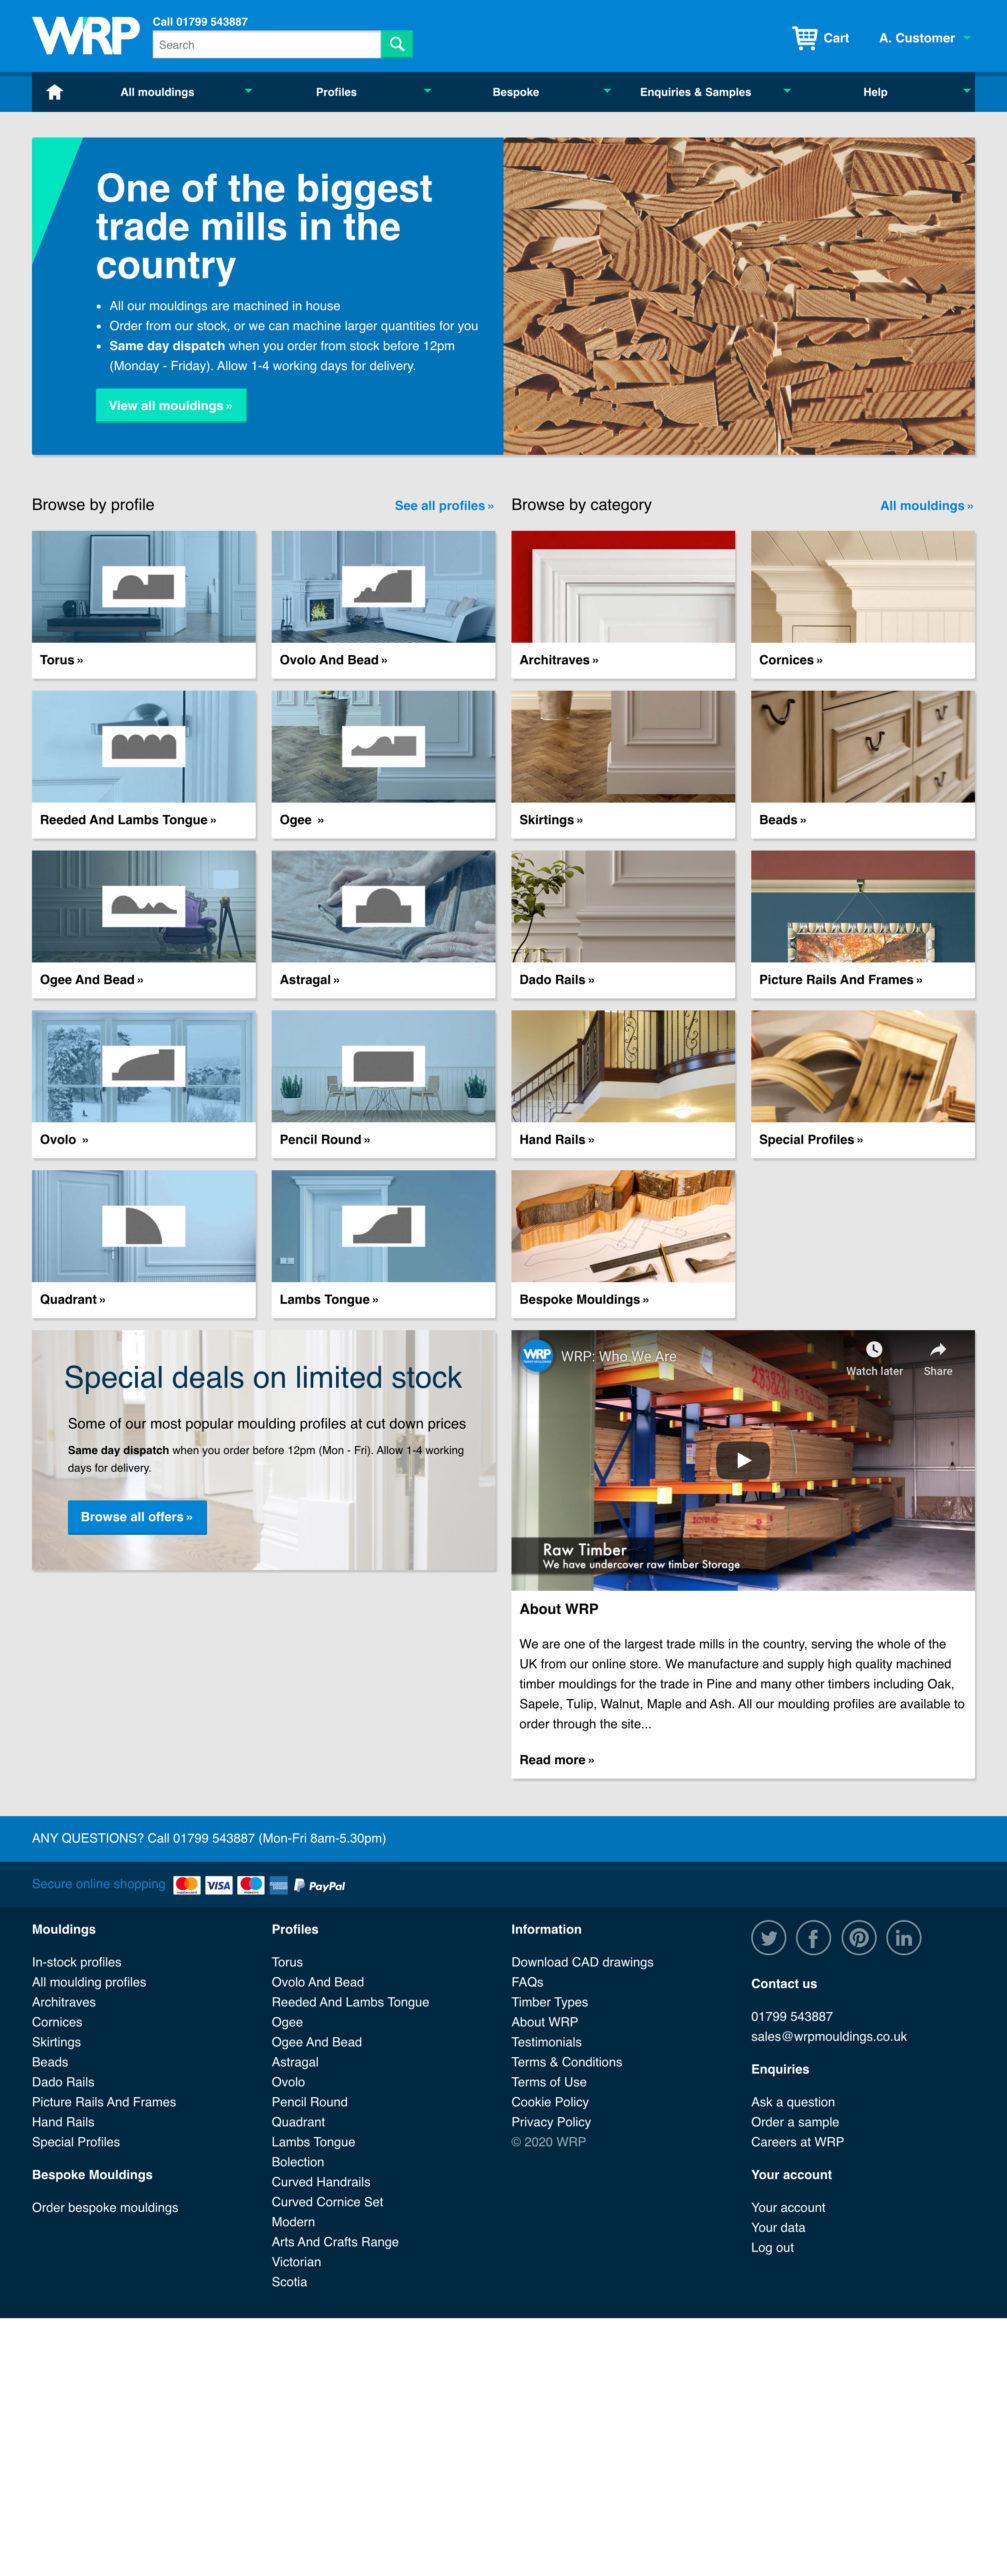 wrp-desktop-homepage